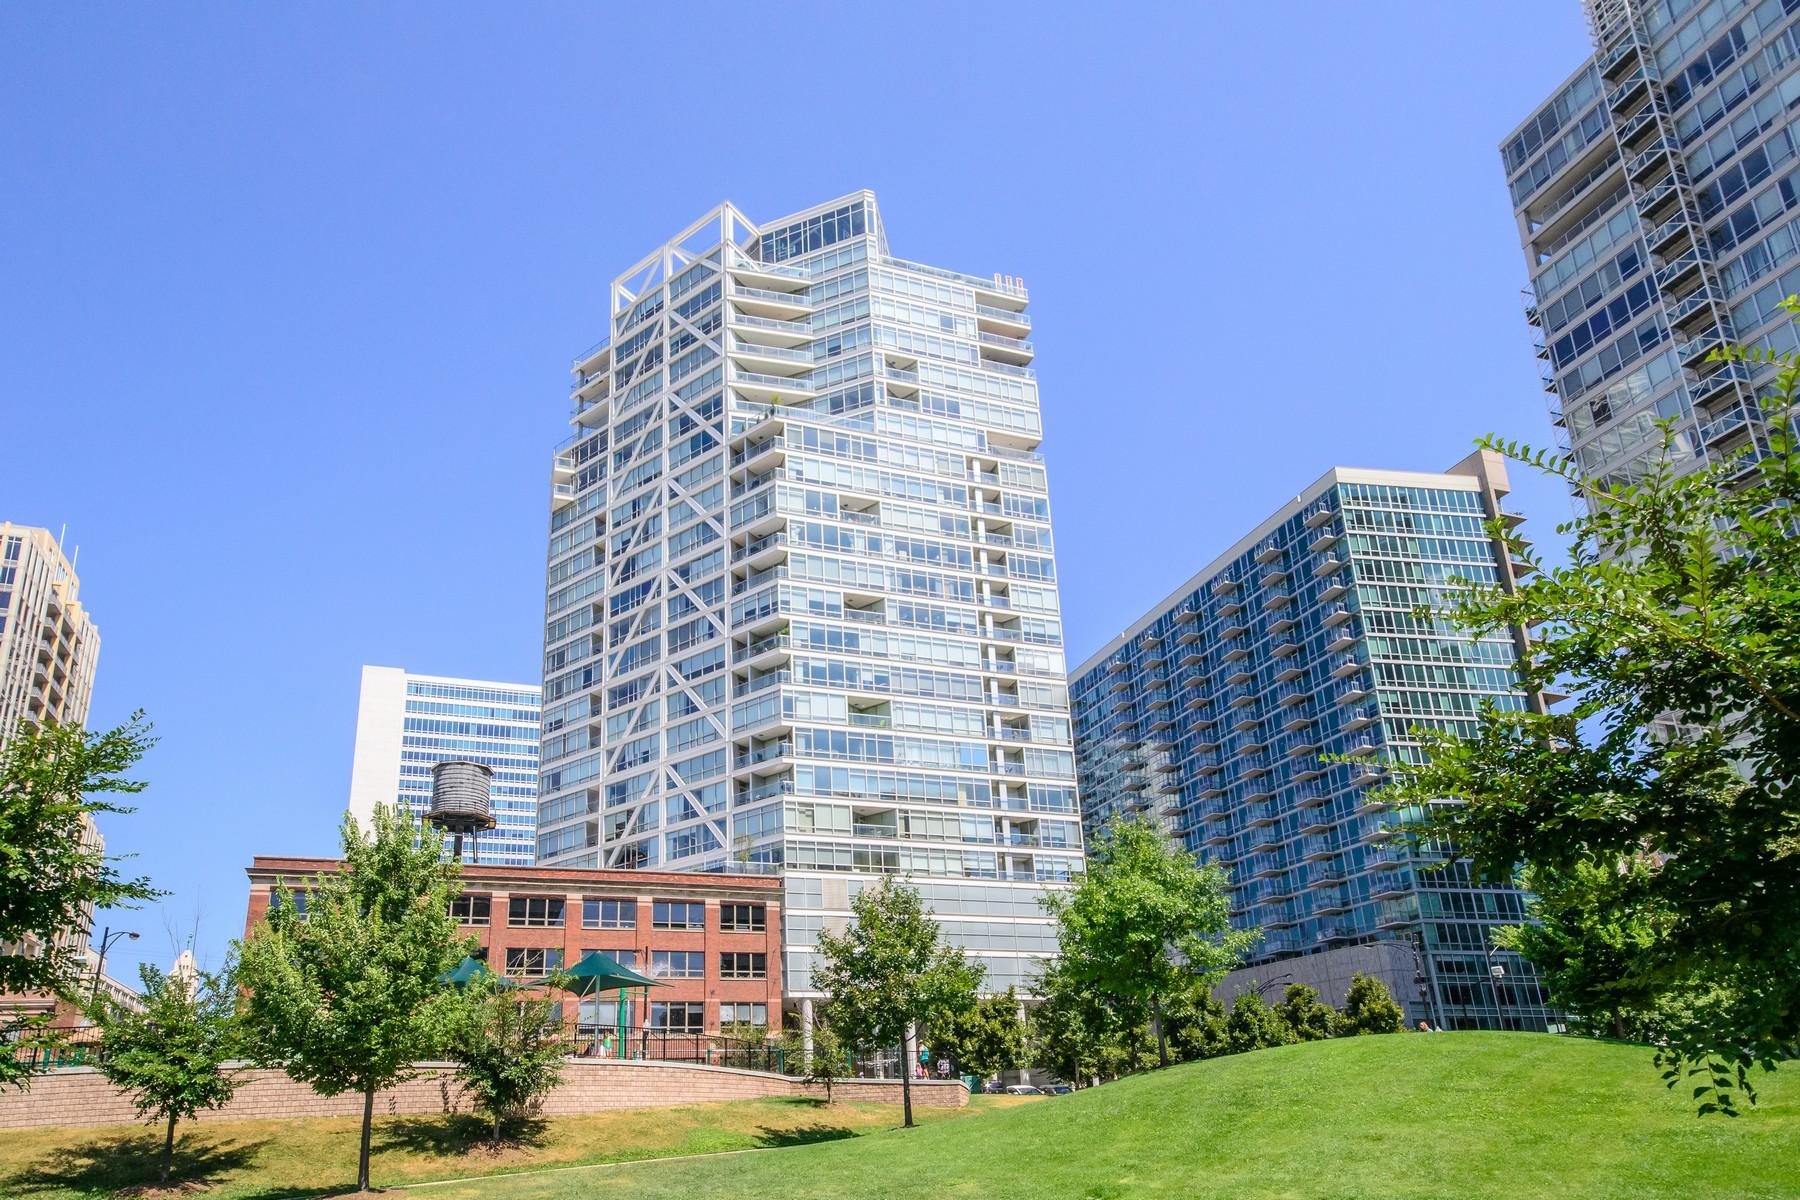 Кооперативная квартира для того Продажа на Spectacular Unobstructed City, River And Park Views 510 W Erie Street Unit1703 Near North Side, Chicago, Иллинойс 60654 Соединенные Штаты